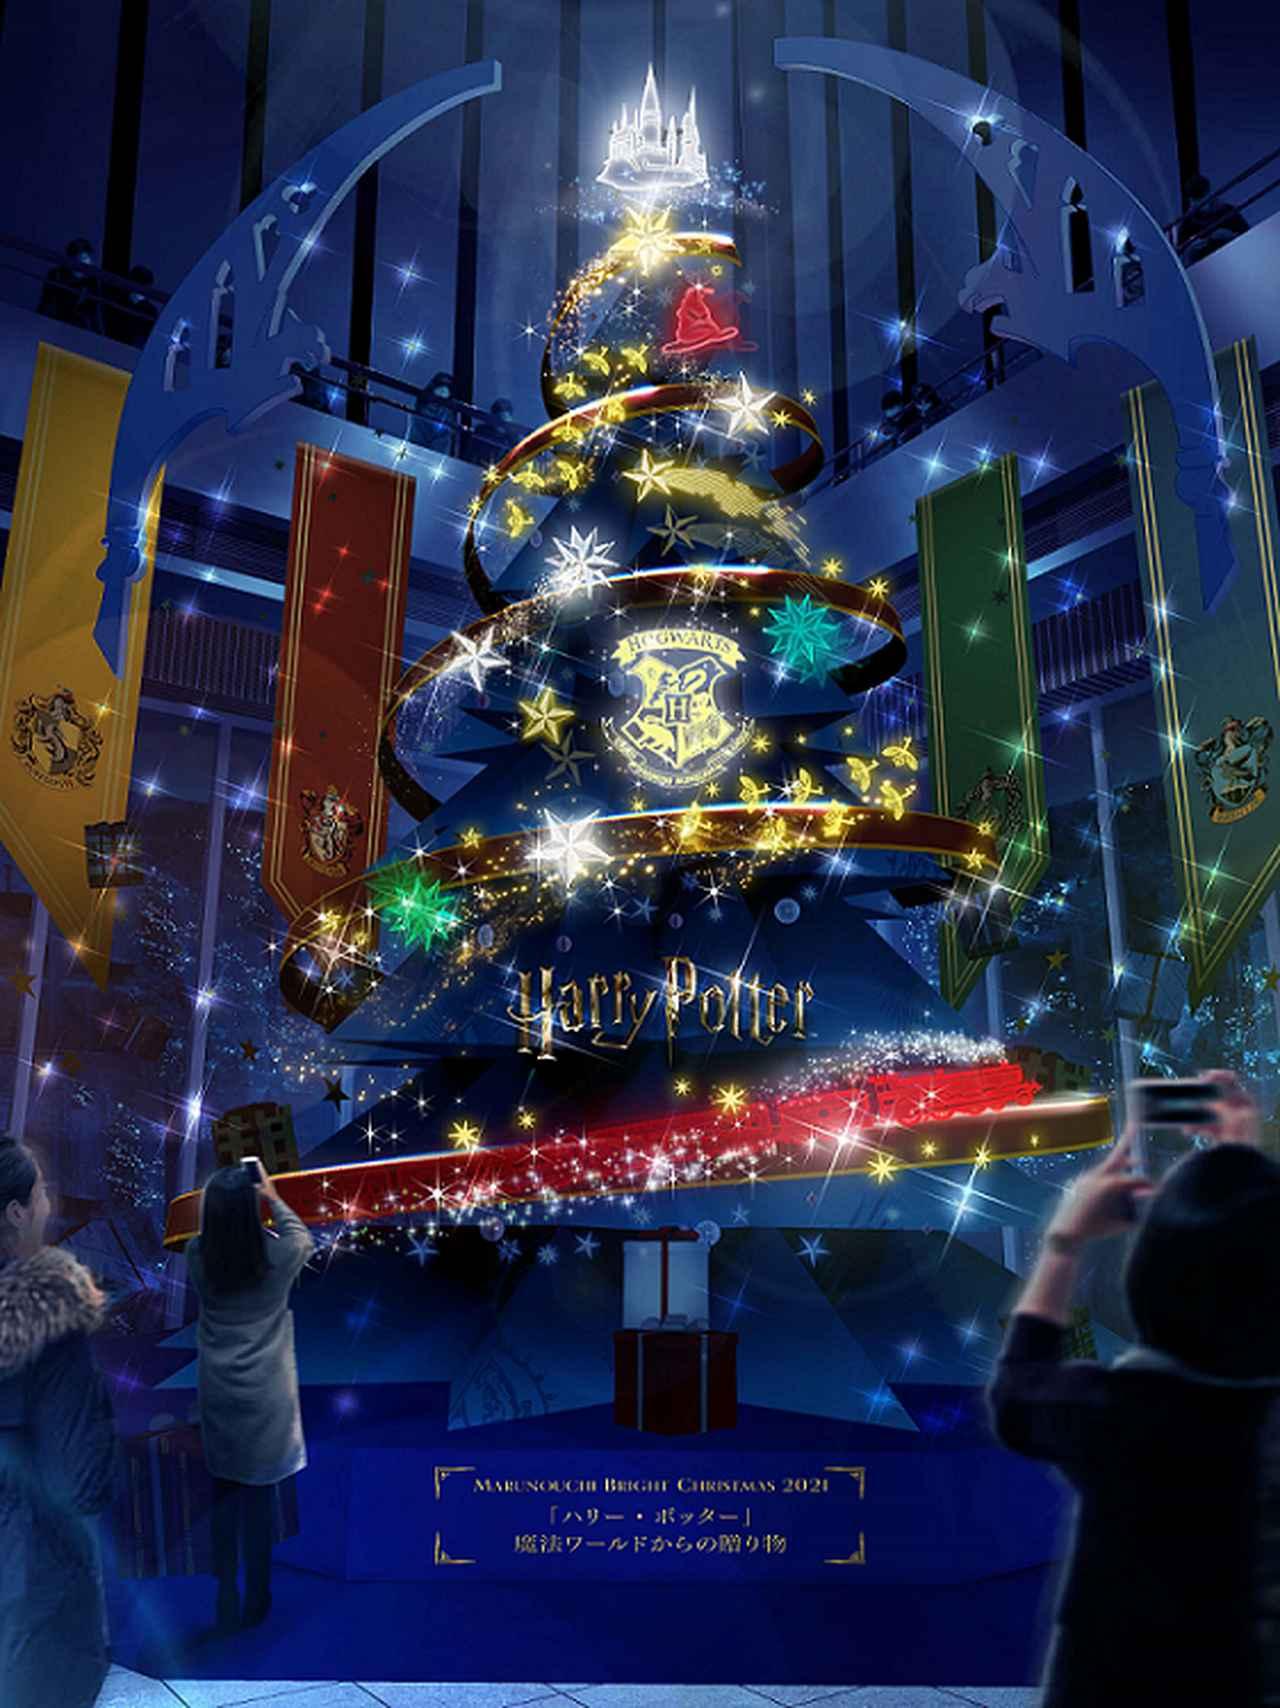 画像: ▲丸ビル:メインツリーTree of Hogwarts Magicーホグワーツの魔法の樹ー ※画像はイメージです。